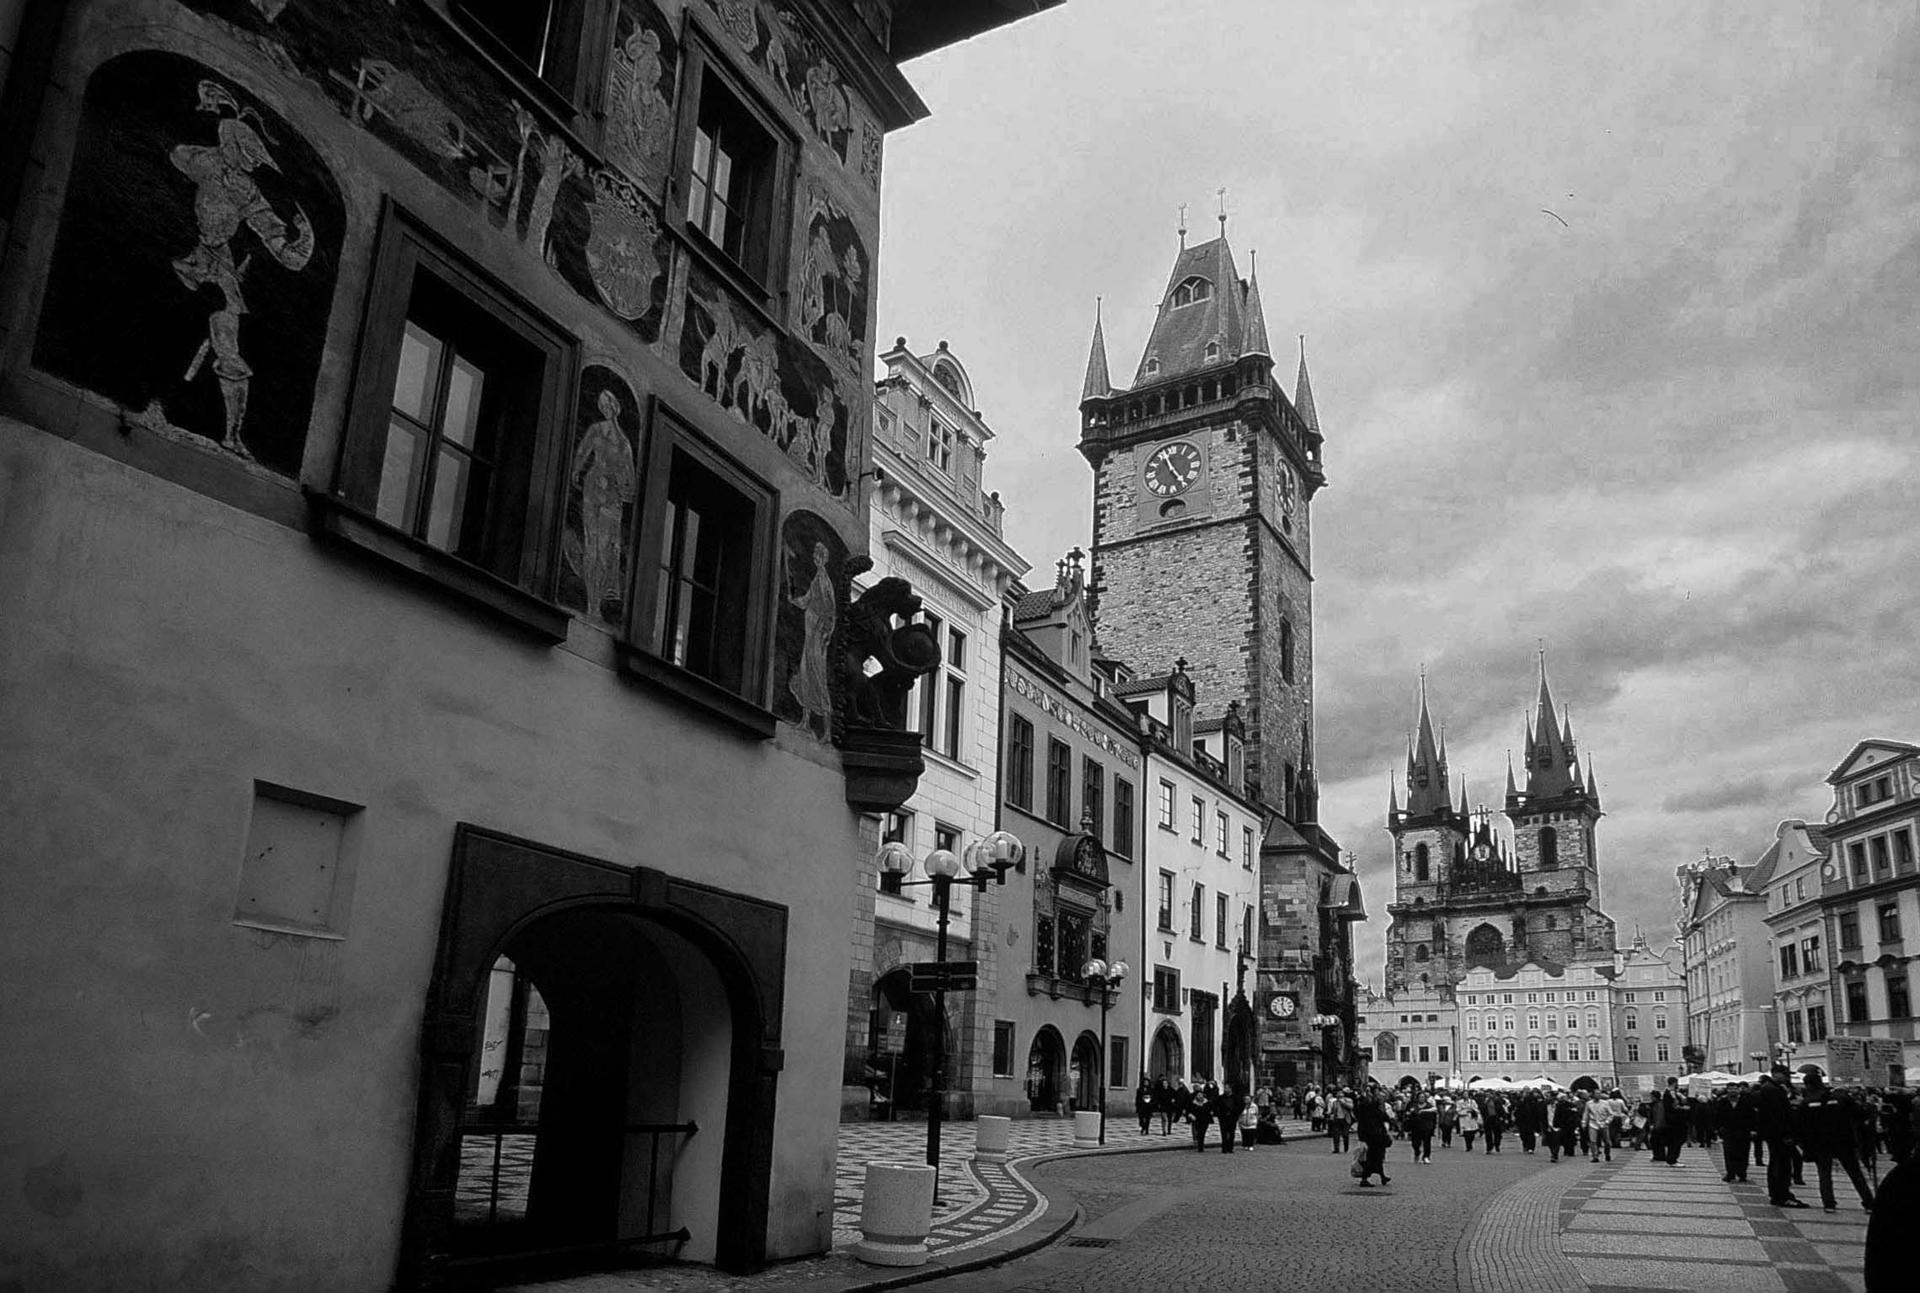 קפקא - Praha - יואל שתרוג -Prague- אדמה יוצרת - yoel sitruk - עיר שבוית החלום - פראג -